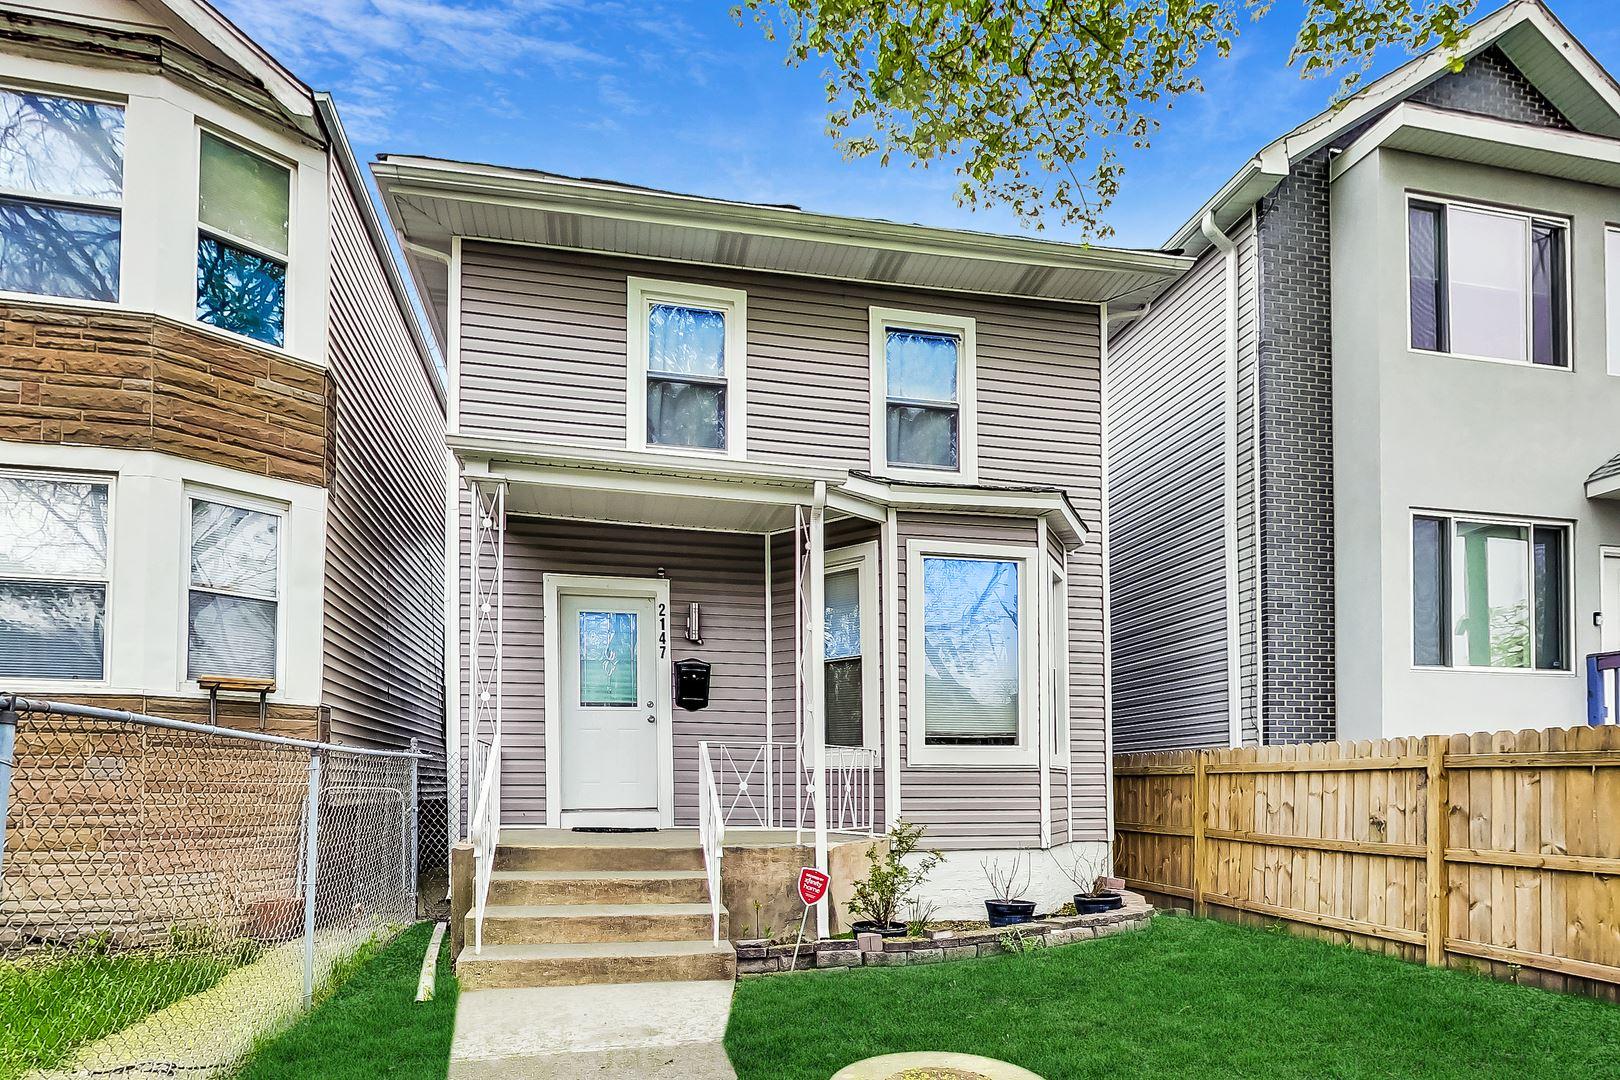 2147 N Kenneth Avenue, Chicago, IL 60639 - #: 11187217